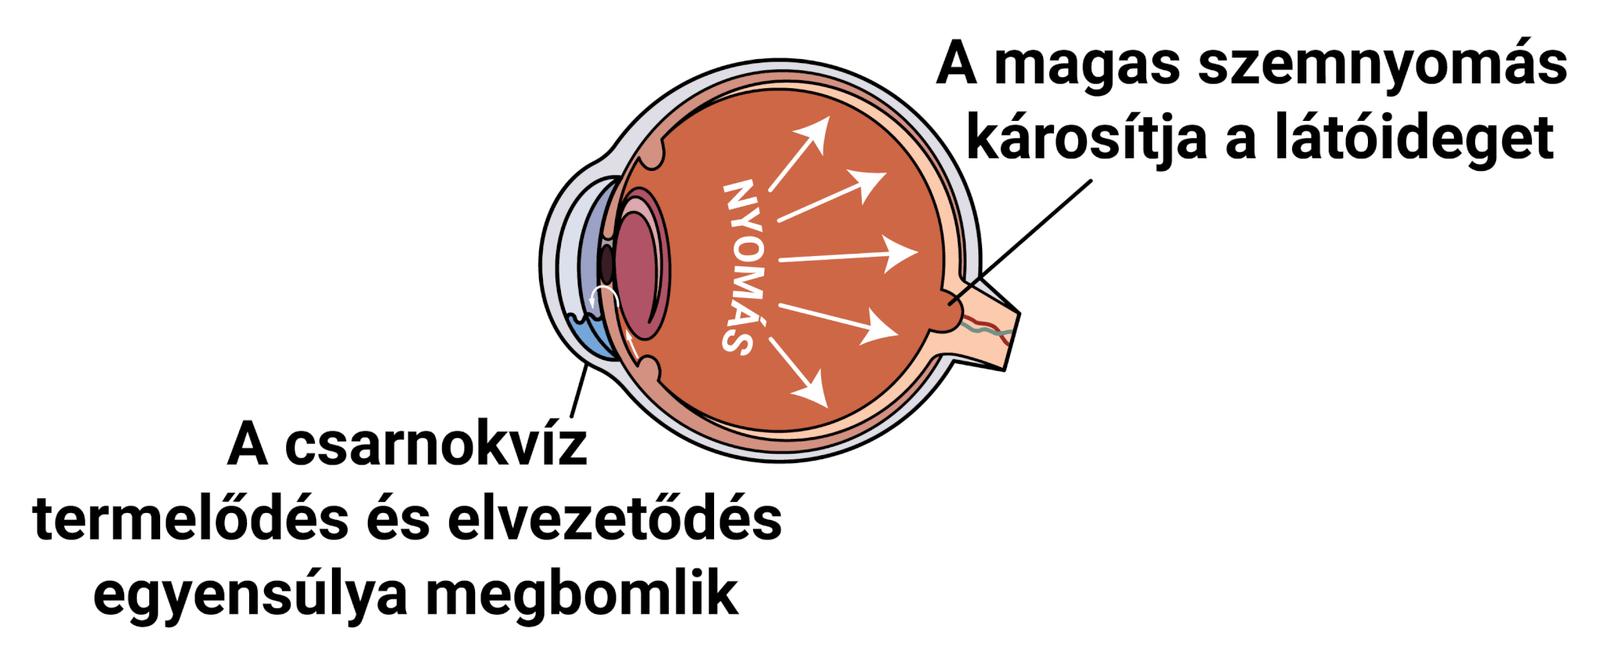 csepp a látás csökkentése érdekében